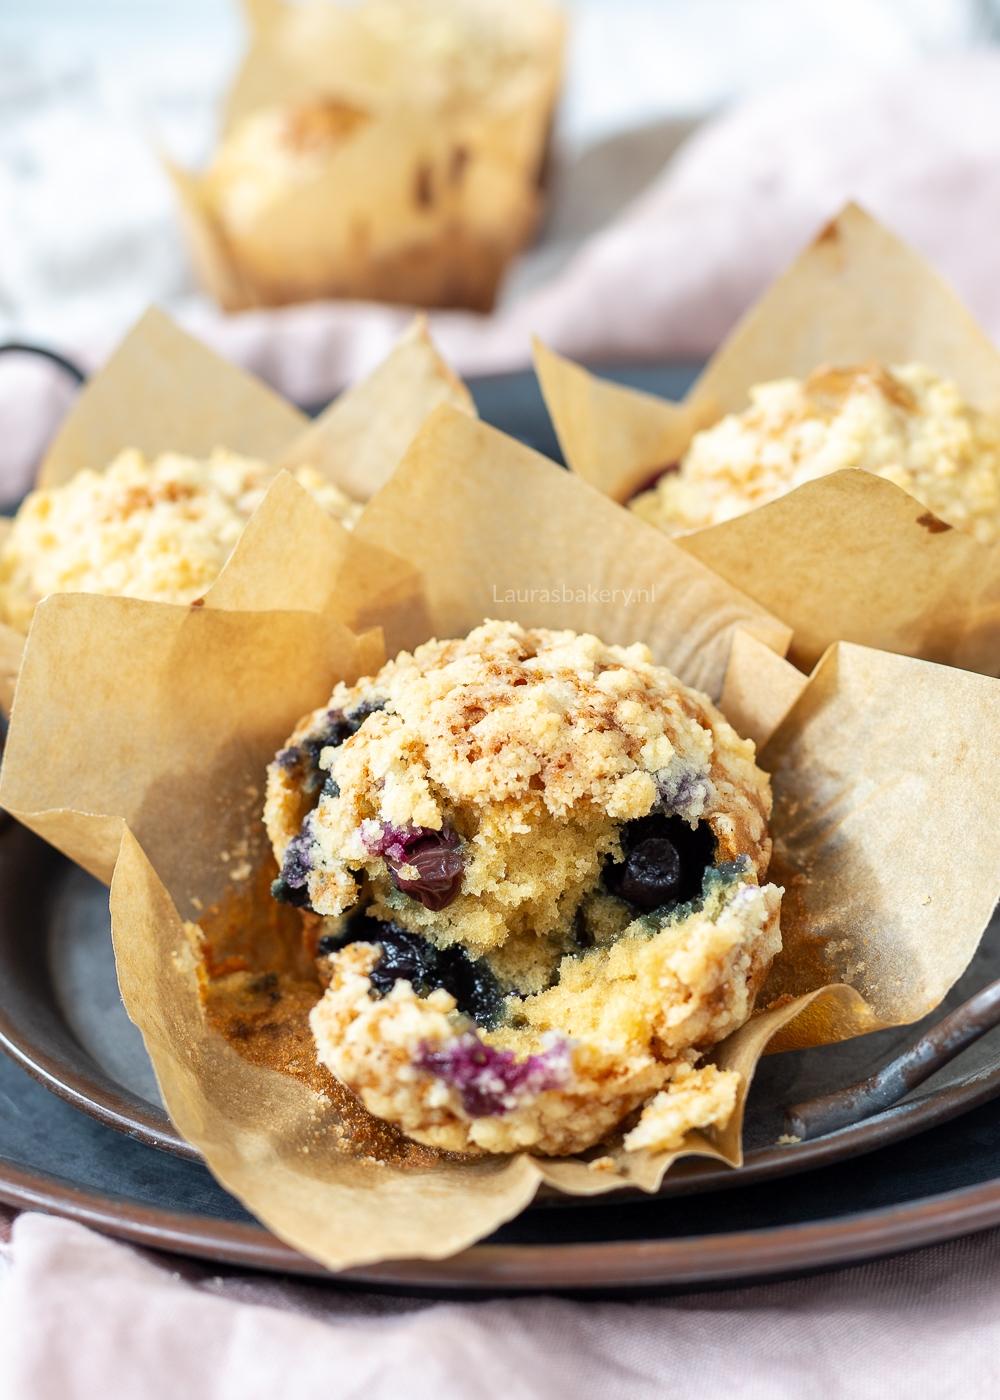 Blauwe bessen kruimel muffins